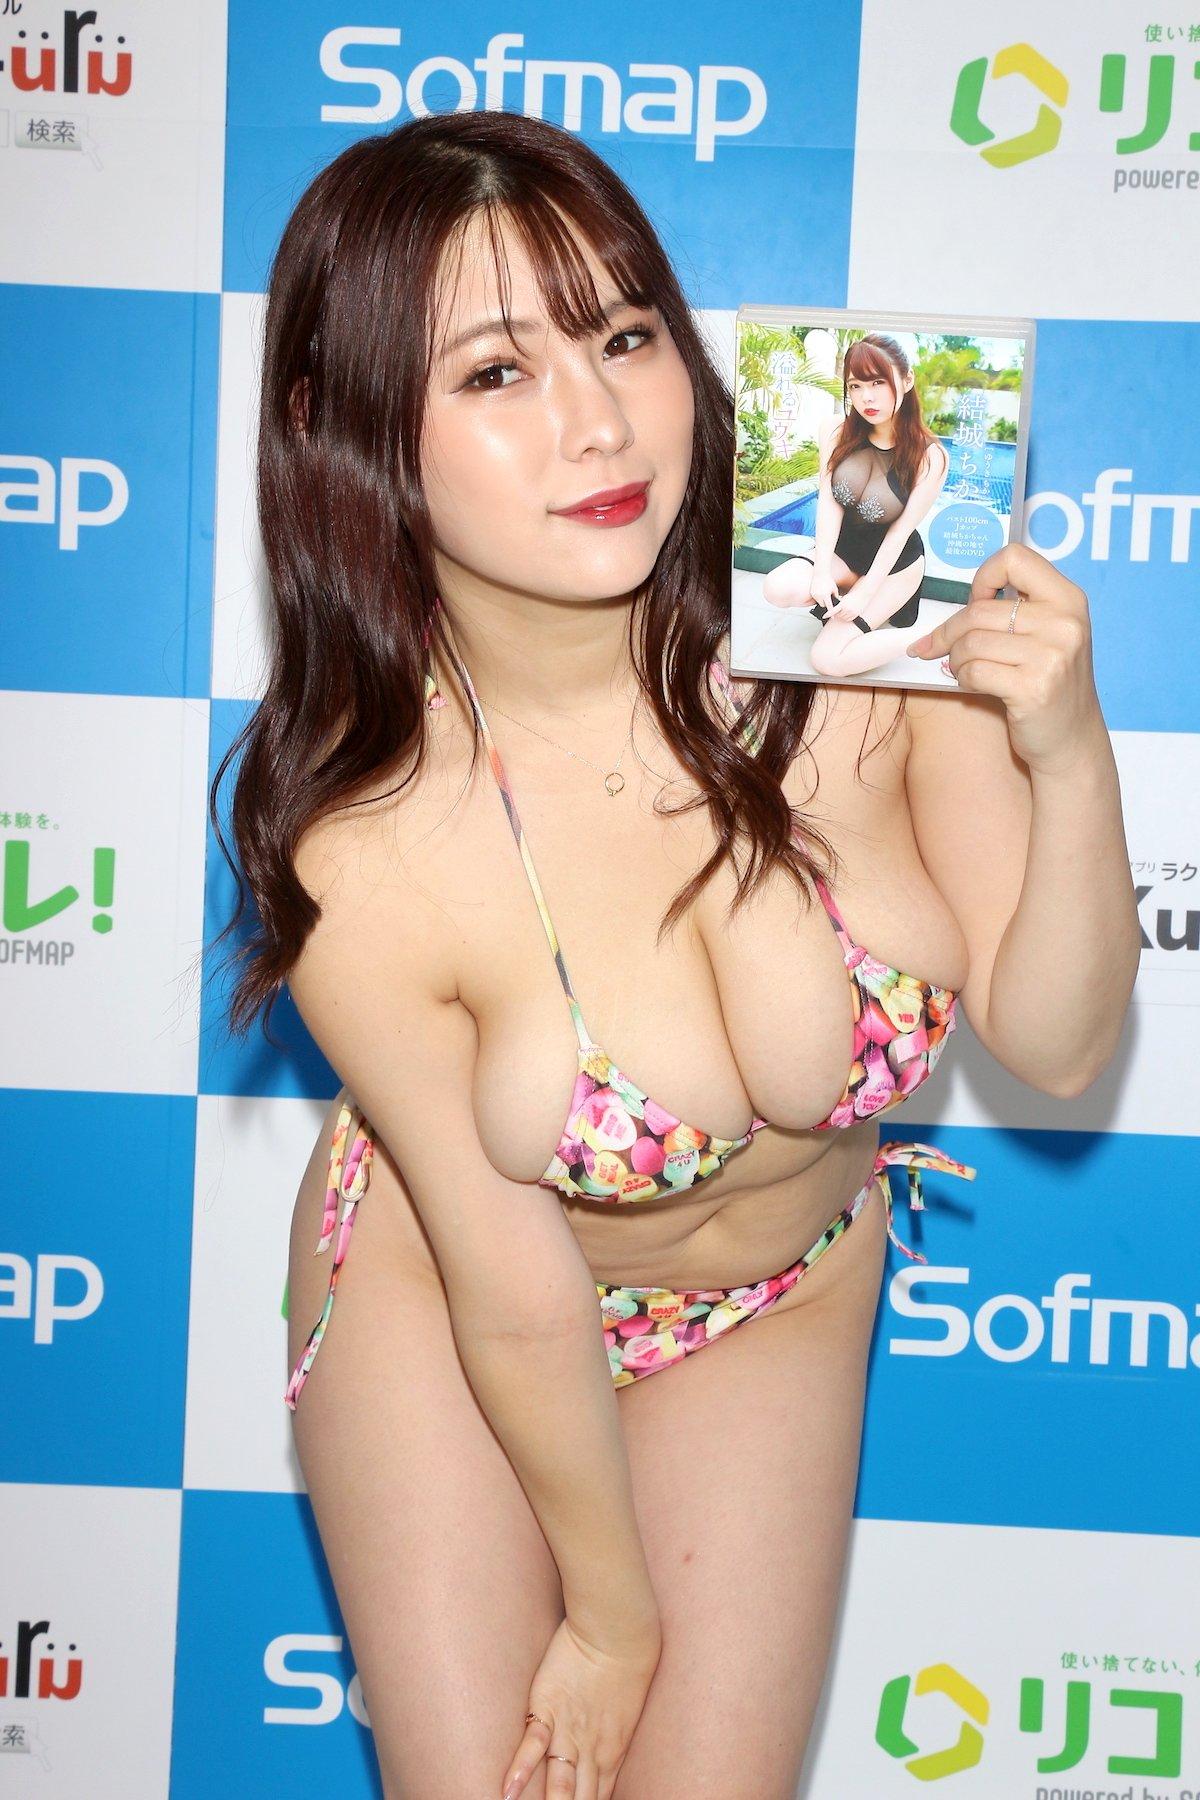 高橋央「水着取ってタオル一枚だけ」お風呂のシーンが人気です【画像55枚】の画像051